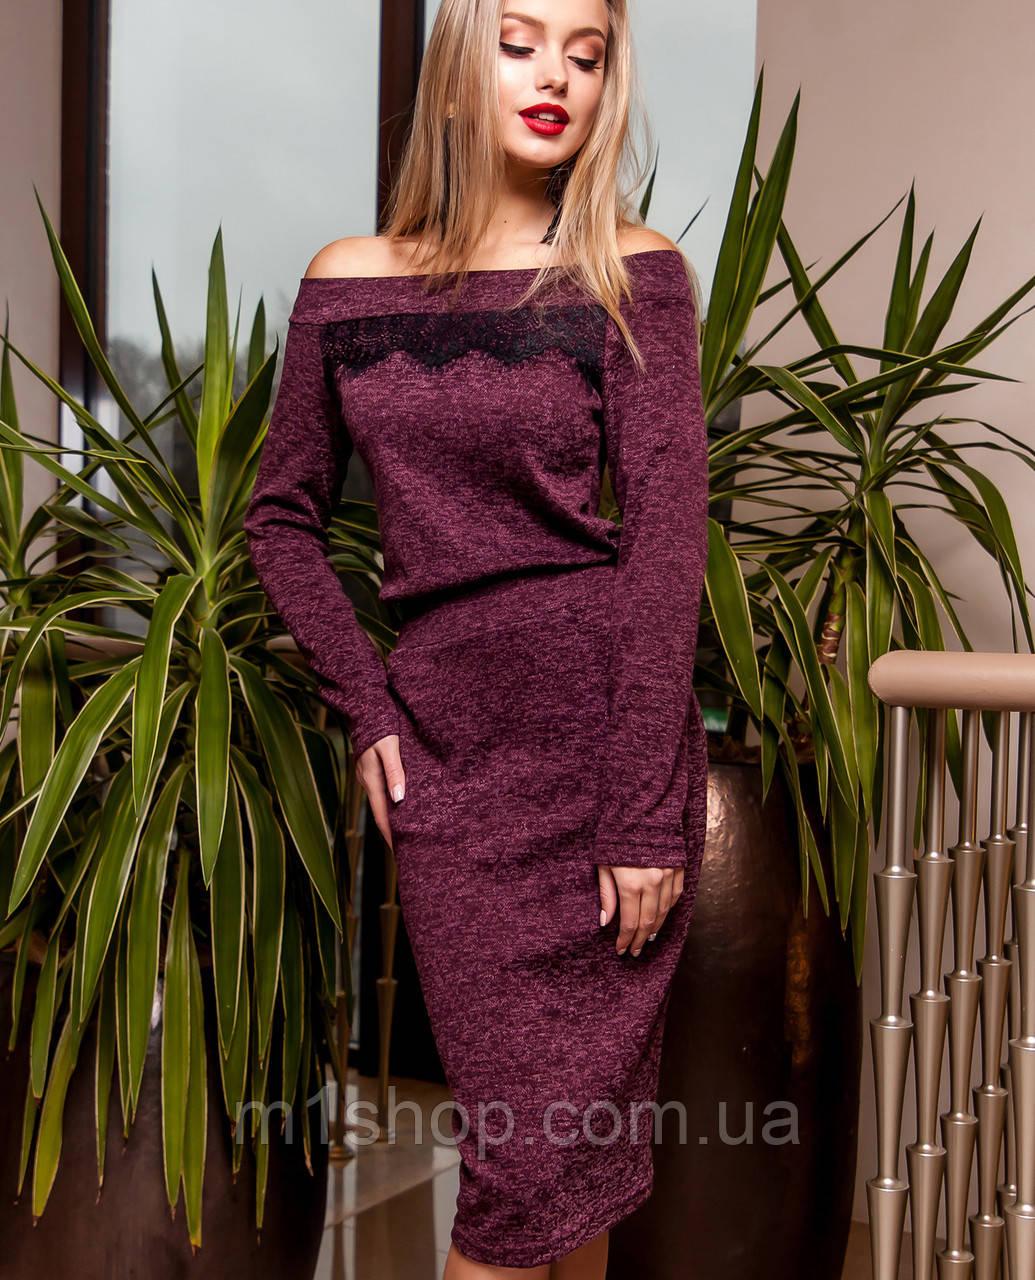 Женское платье по фигуре из ангоры (Моратти jd)